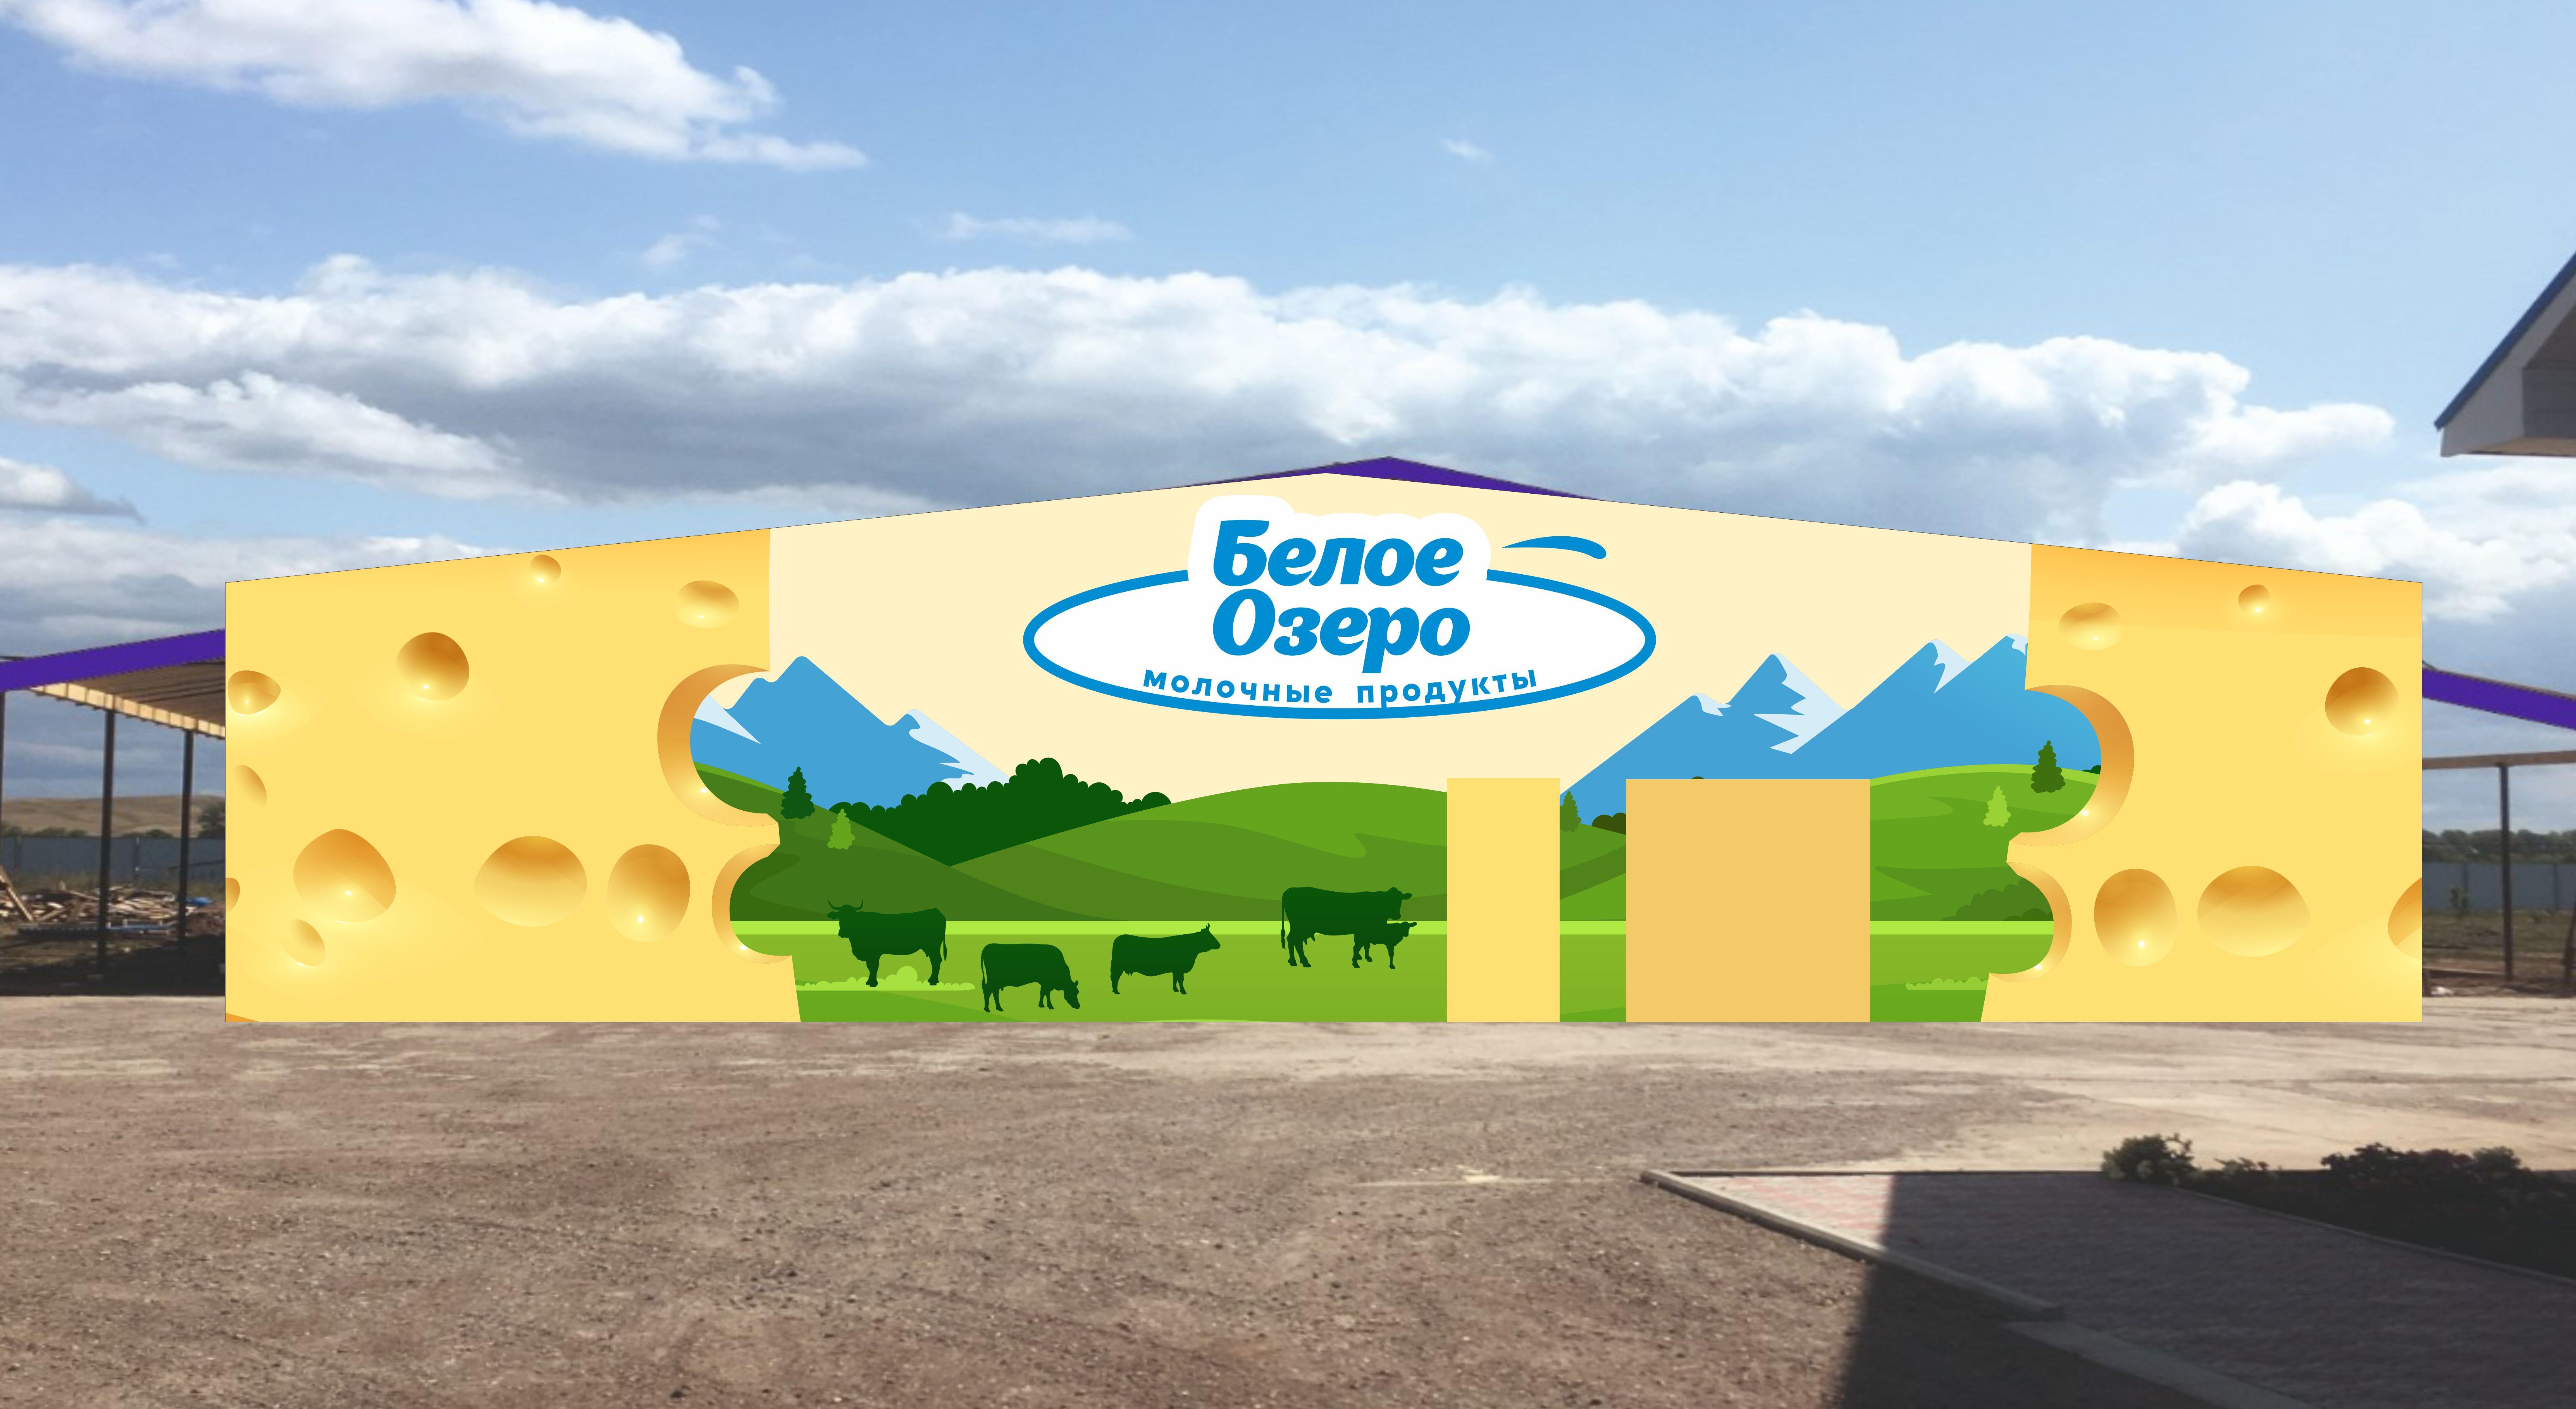 Дизайн граффити на фасад сырзавода фото f_2955d7751db8ed59.jpg